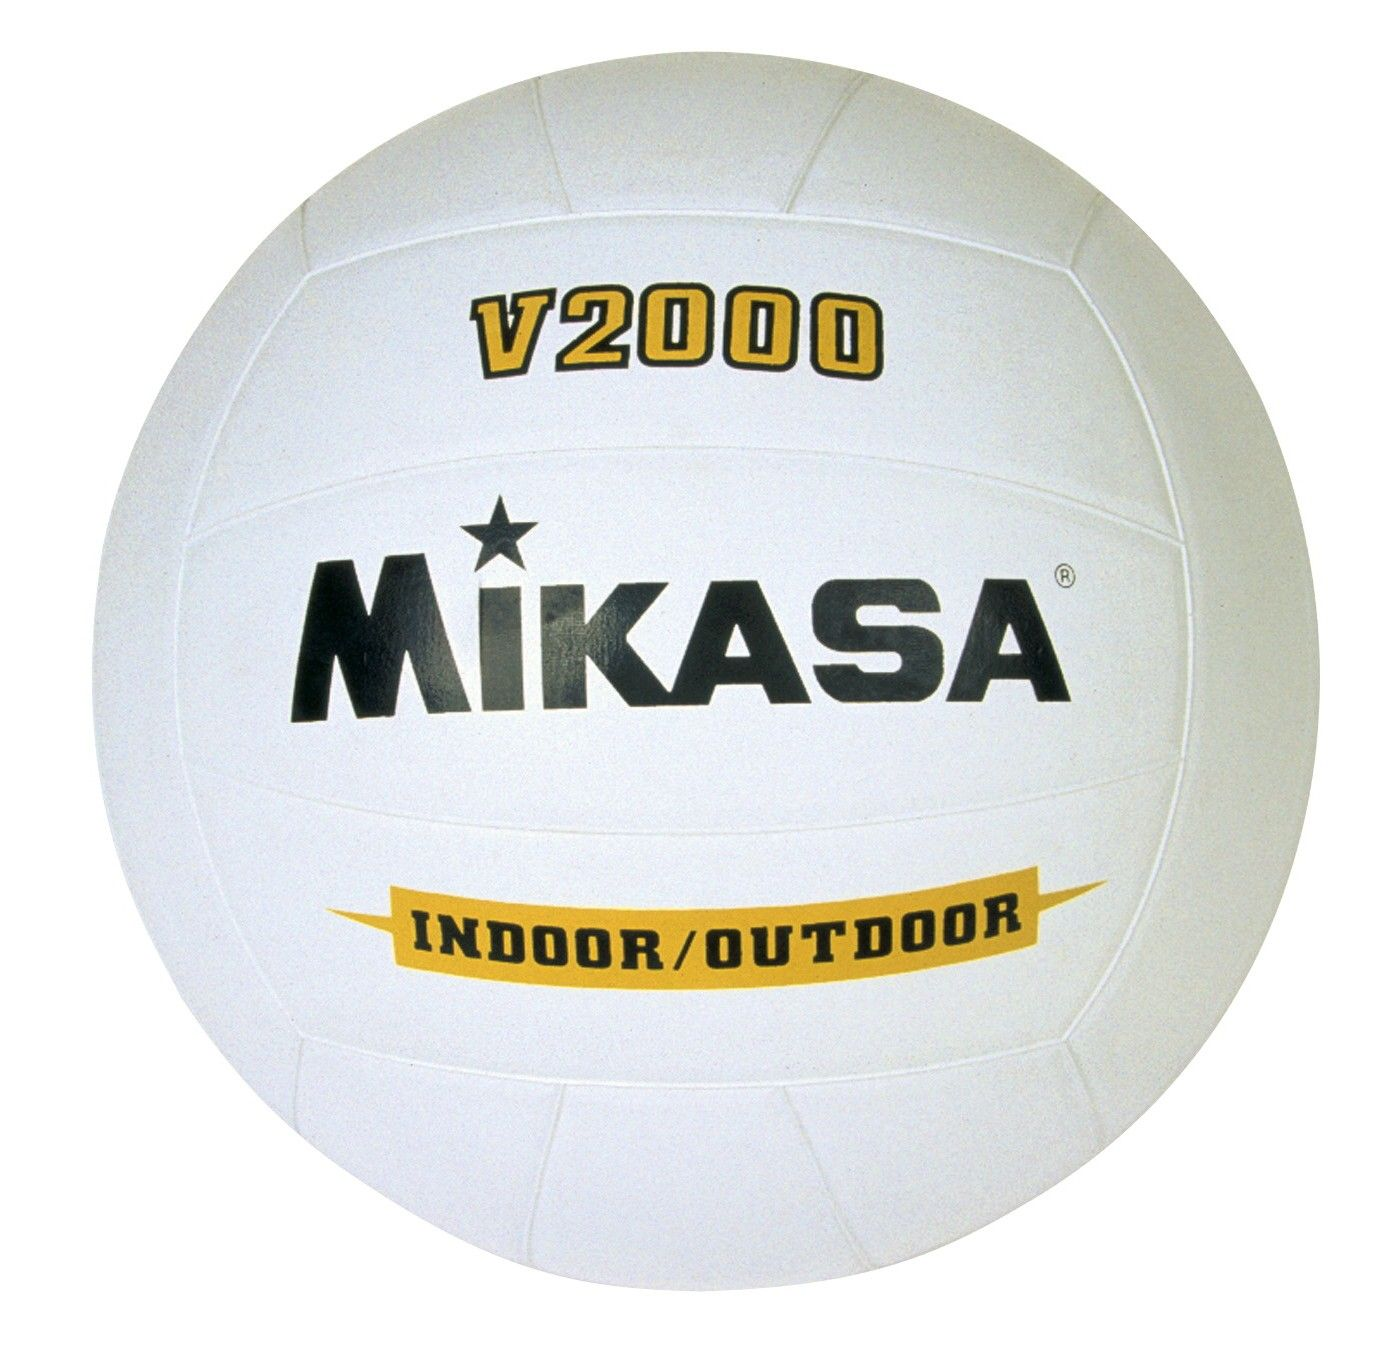 Mikasa V2000 Premium Rubber Volleyball White In 2020 Mikasa Volleyball Rubber